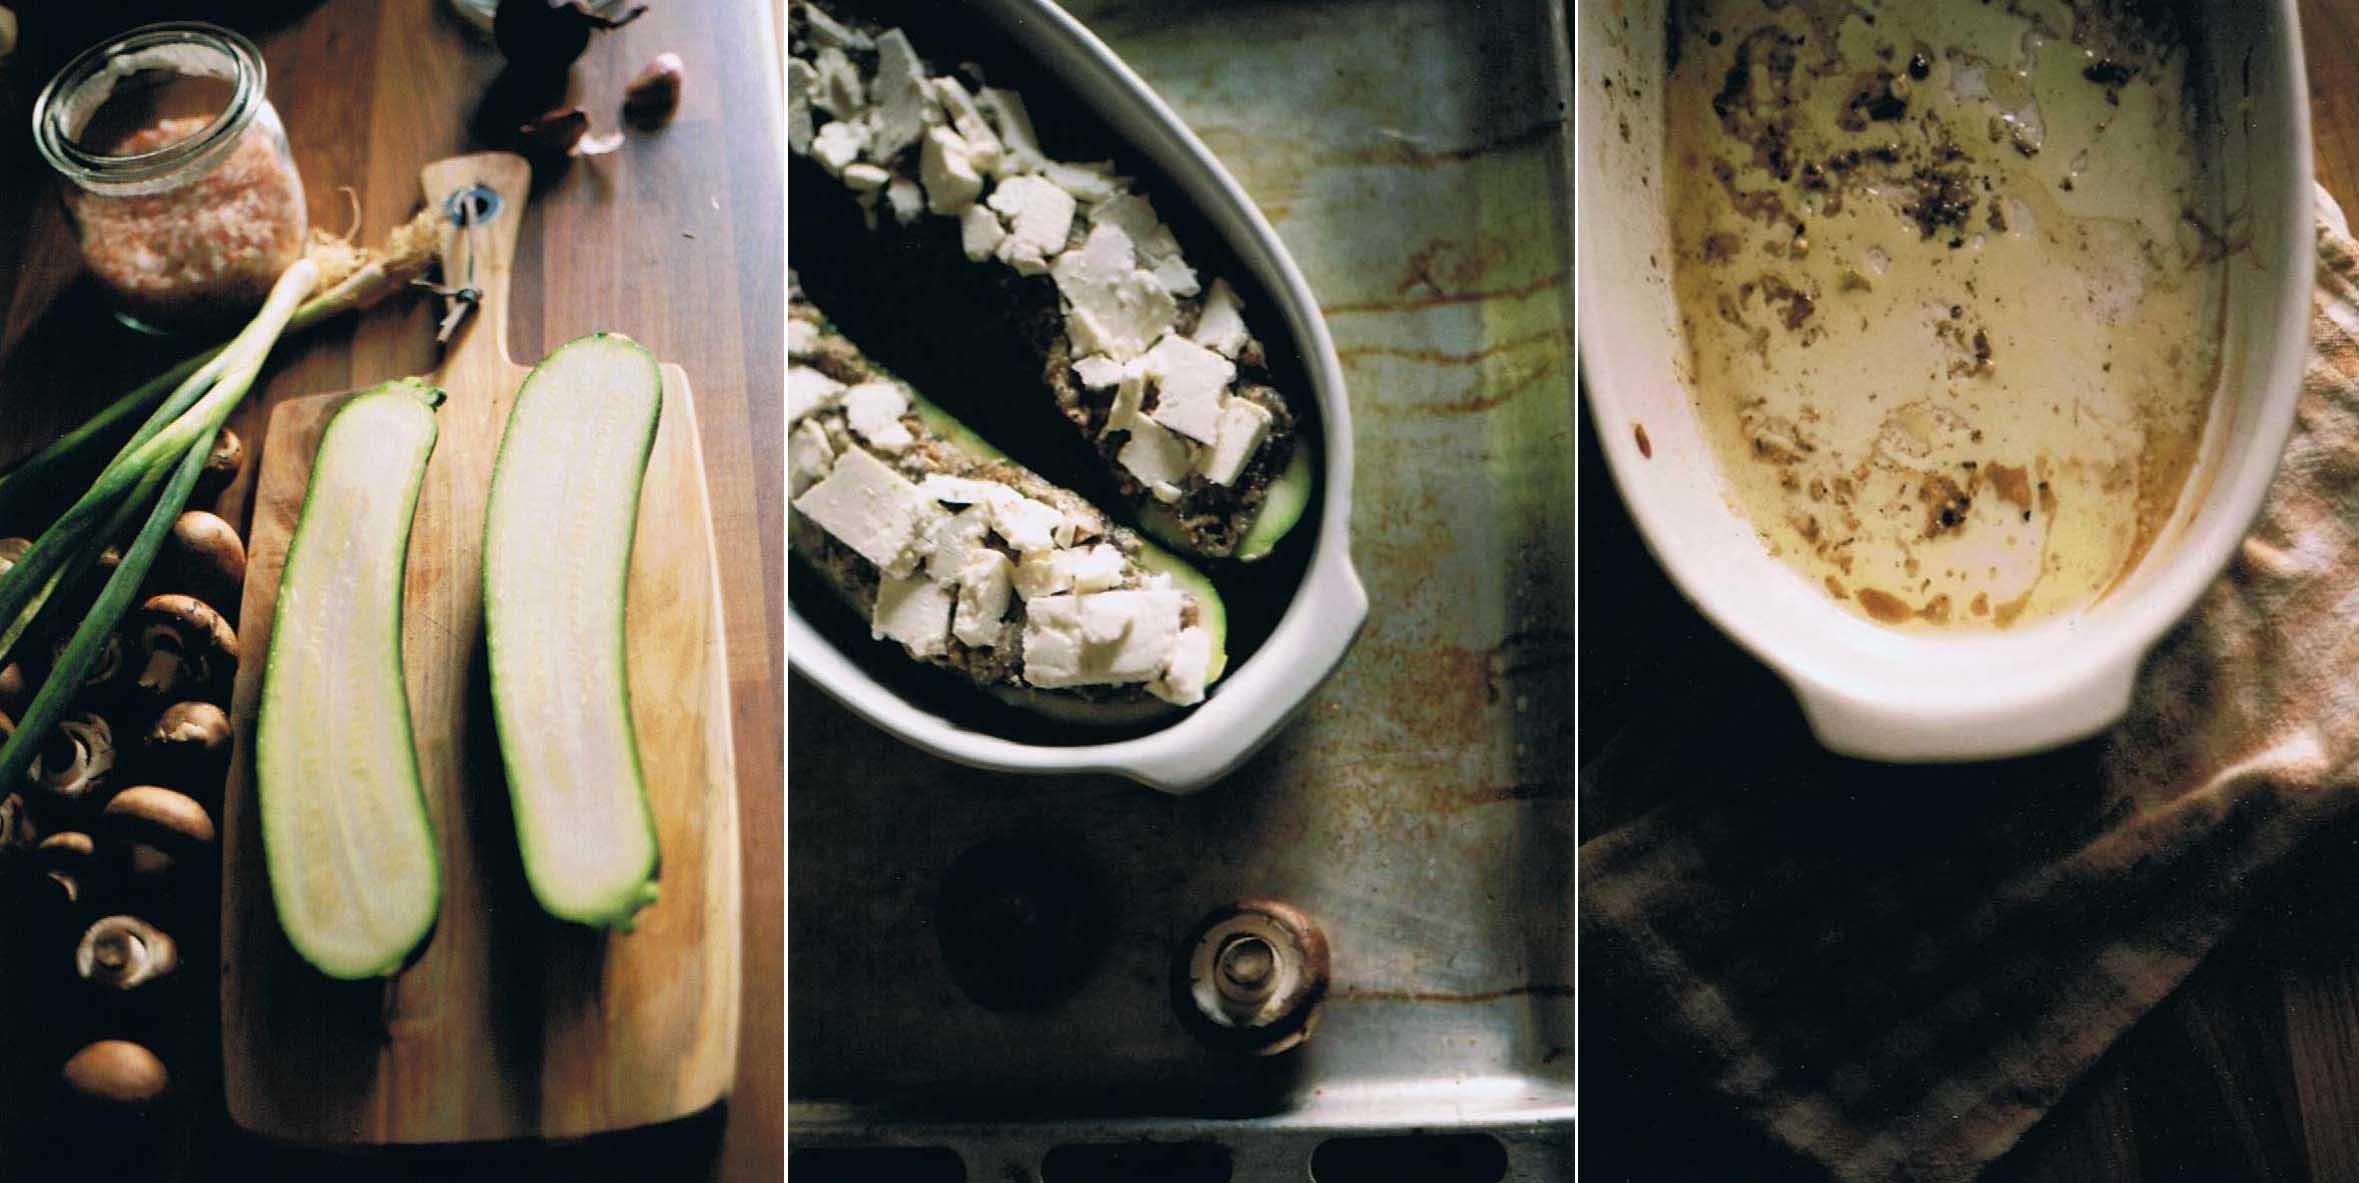 Gefüllte Zucchini Food film photography